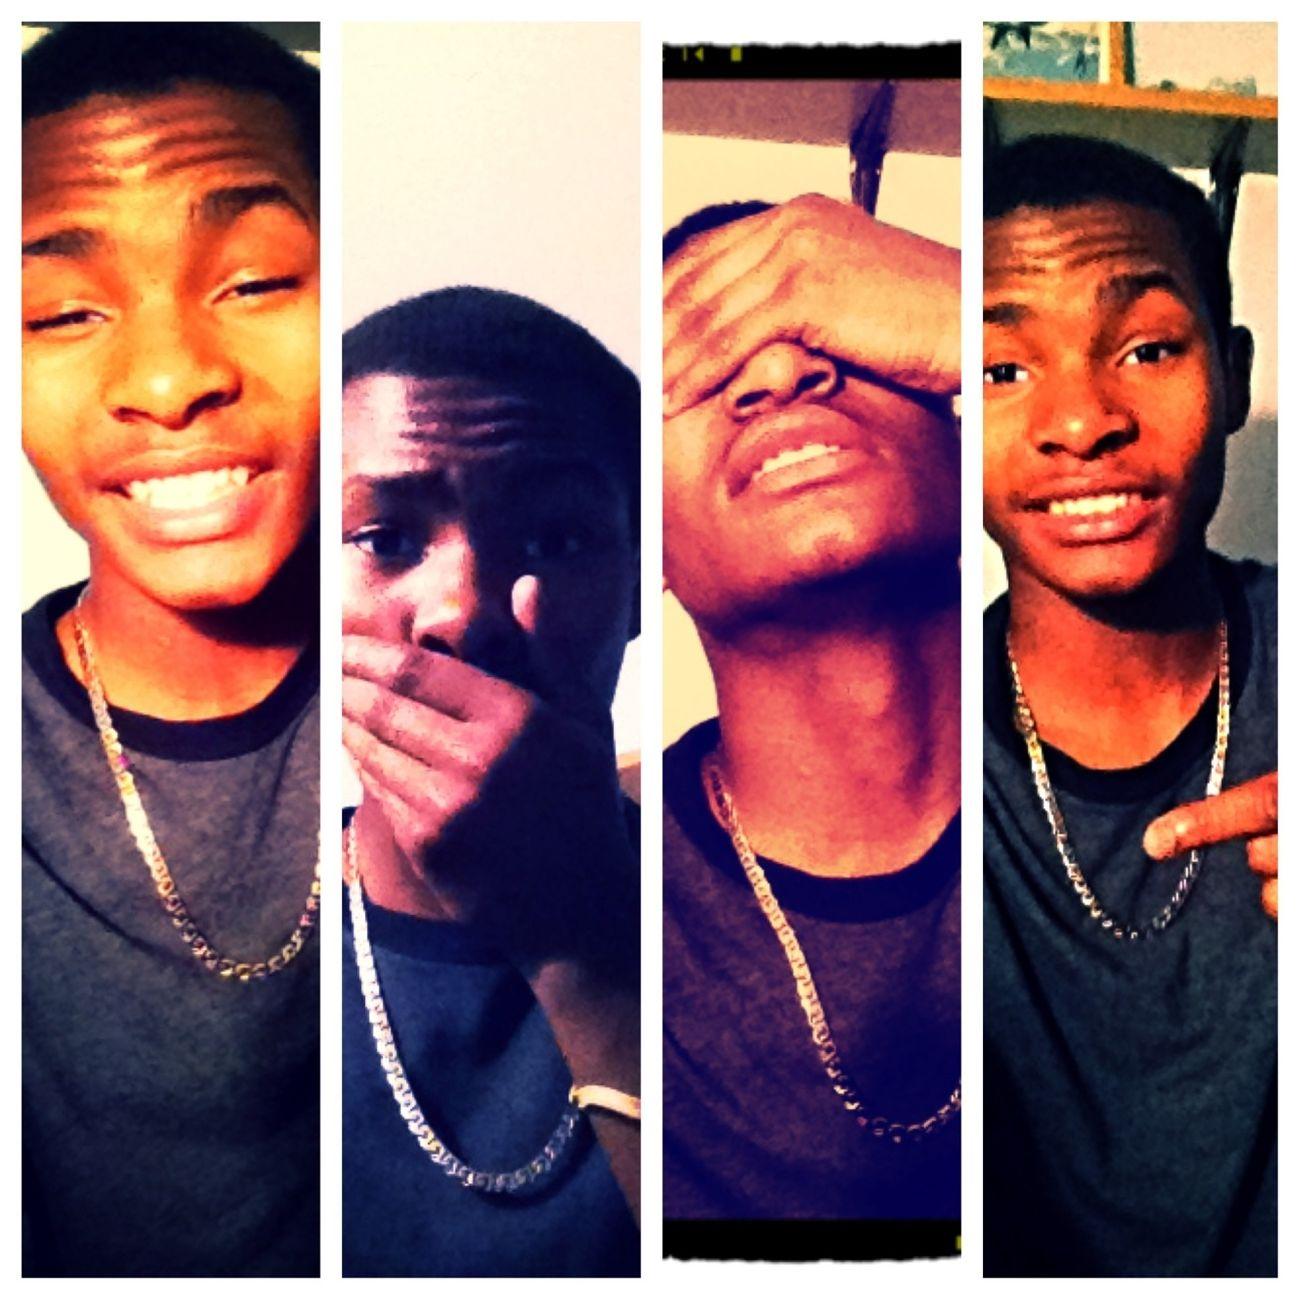 #smile#omg#ugh#wassup